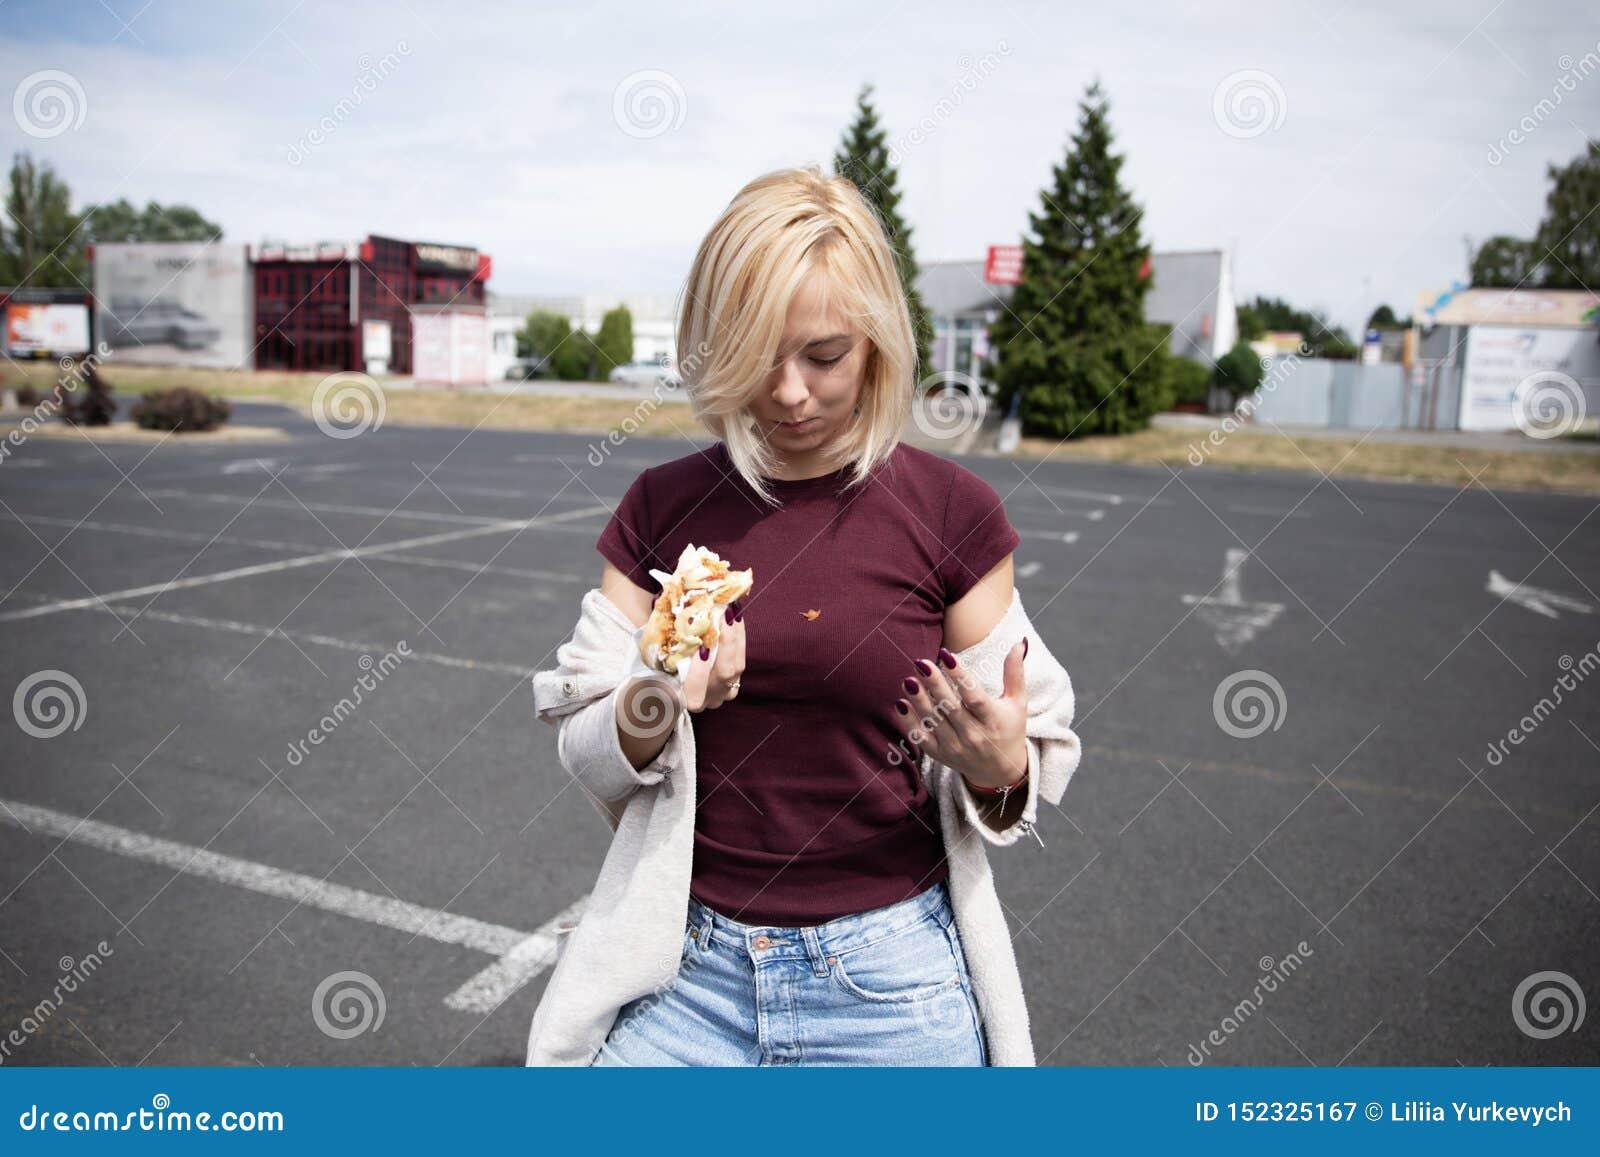 Μια νέα γυναίκα κρατά ένα δαγκωμένο χοτ-ντογκ